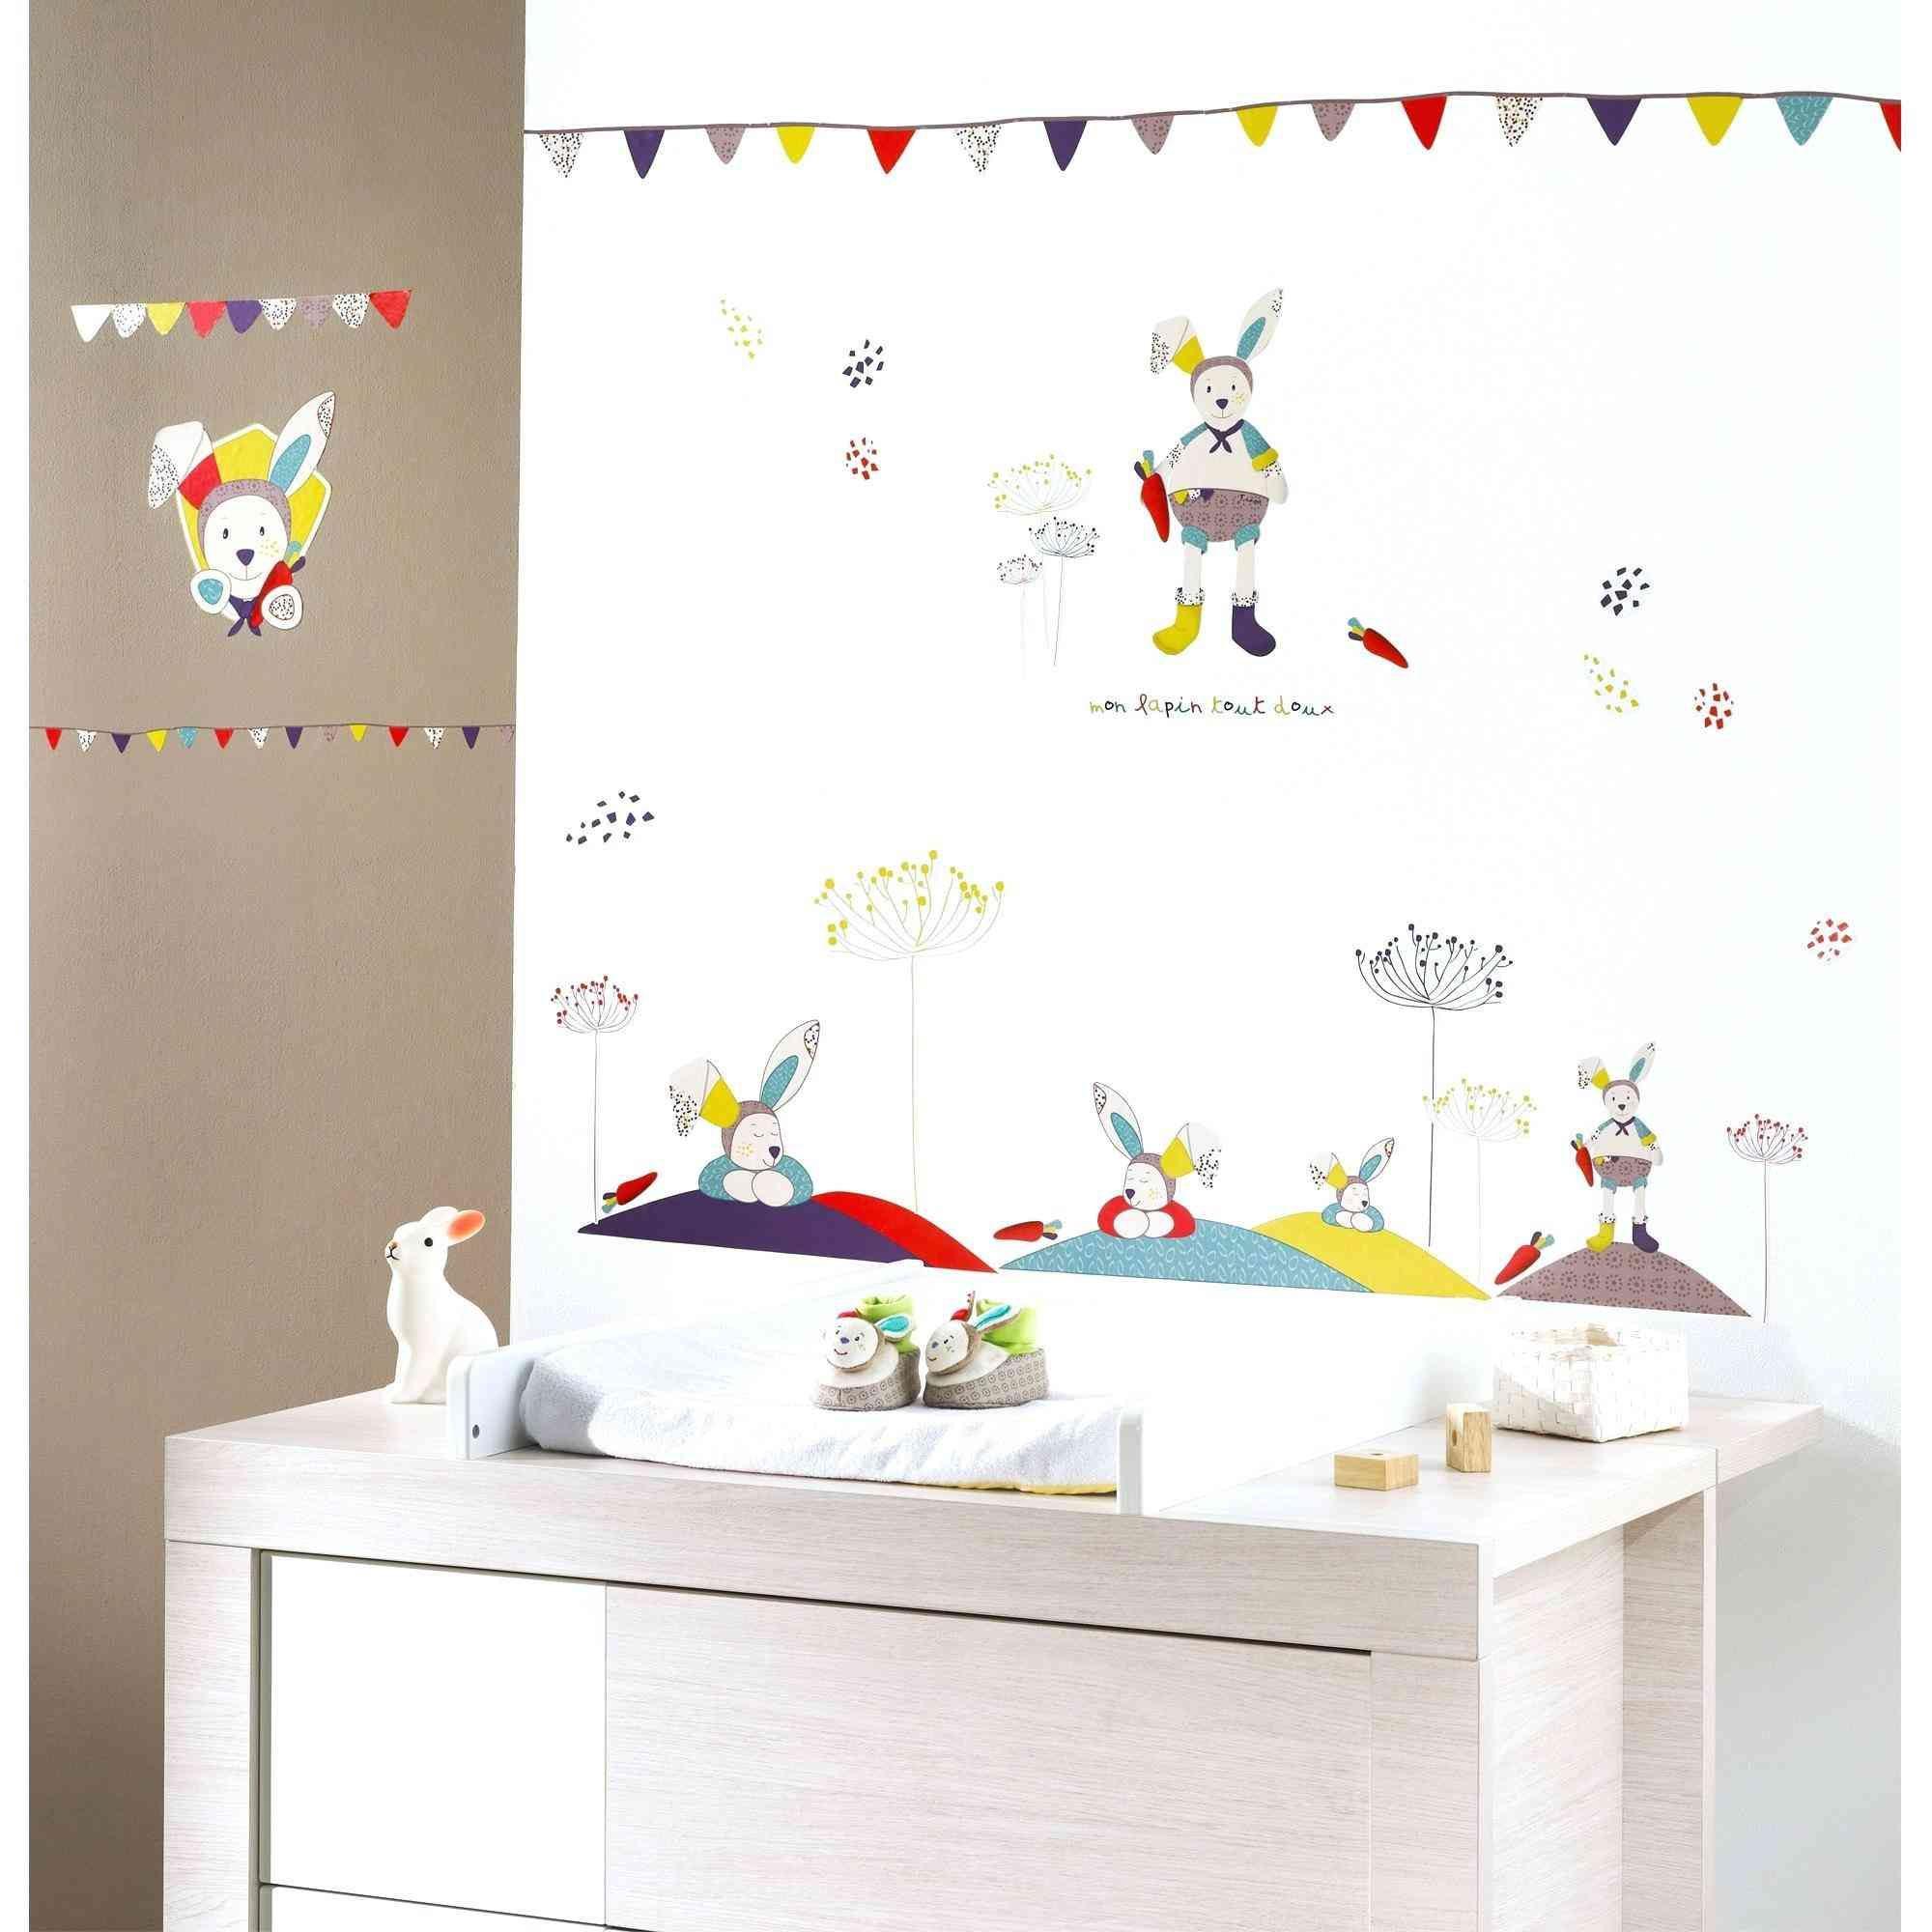 Moustiquaire Pour Lit Bébé Joli 20 [impressionnant Luxe élégant Meilleur De Beau Frais Inspiré